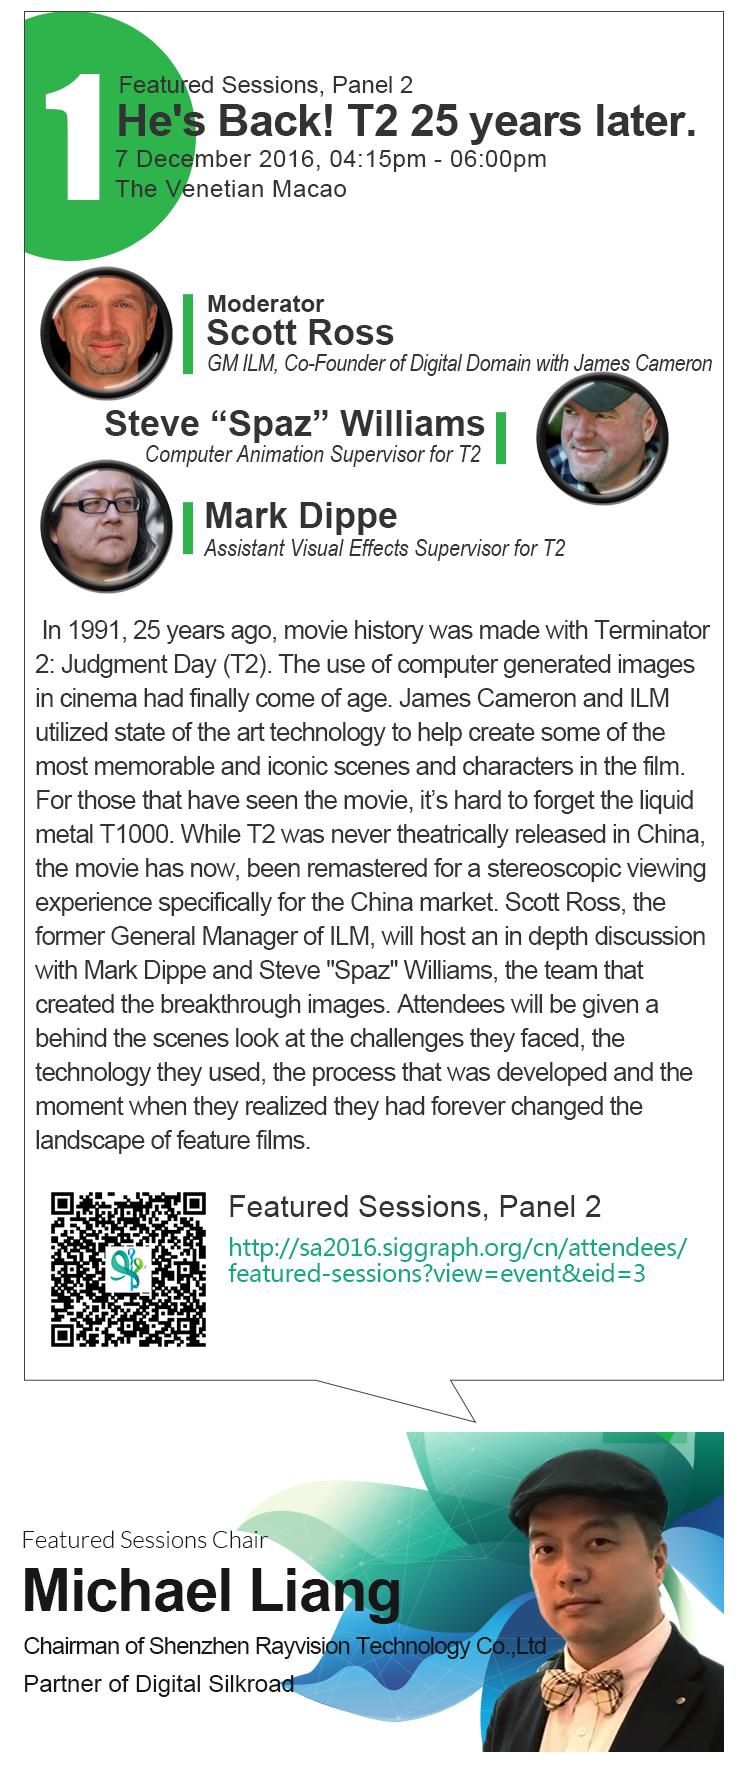 speakers_panel2_10